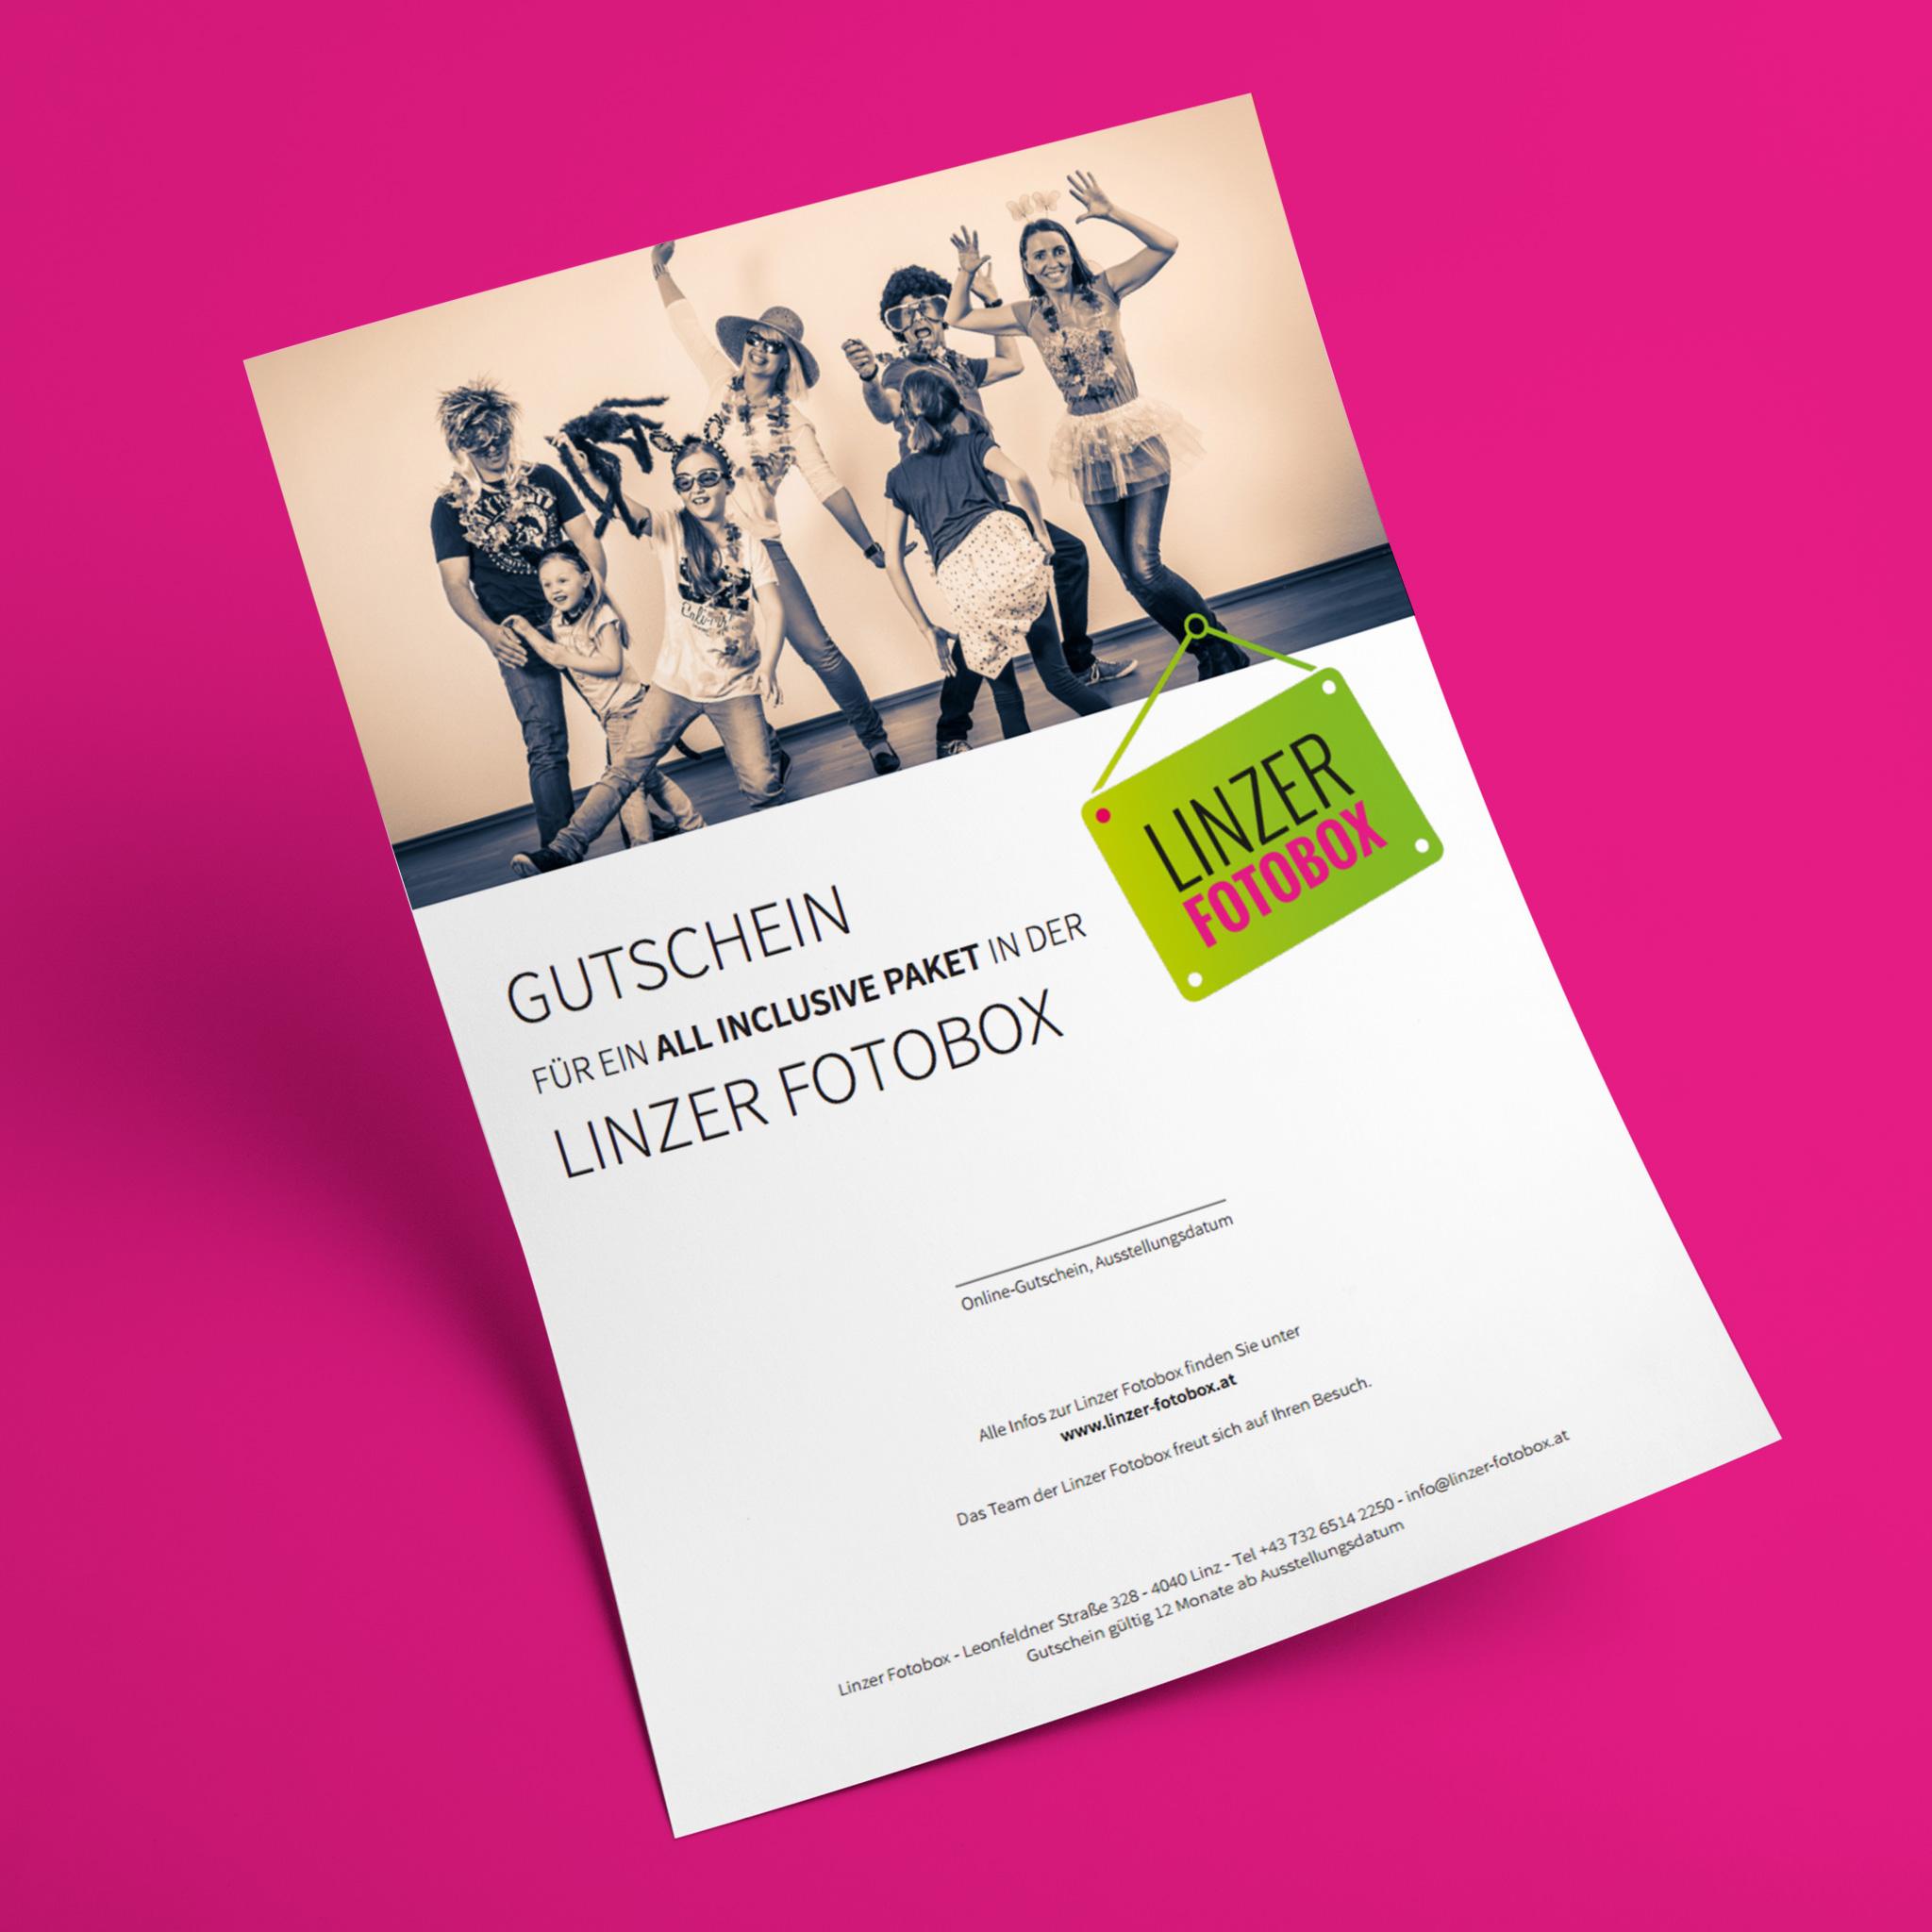 GUTSCHEIN-Mockup